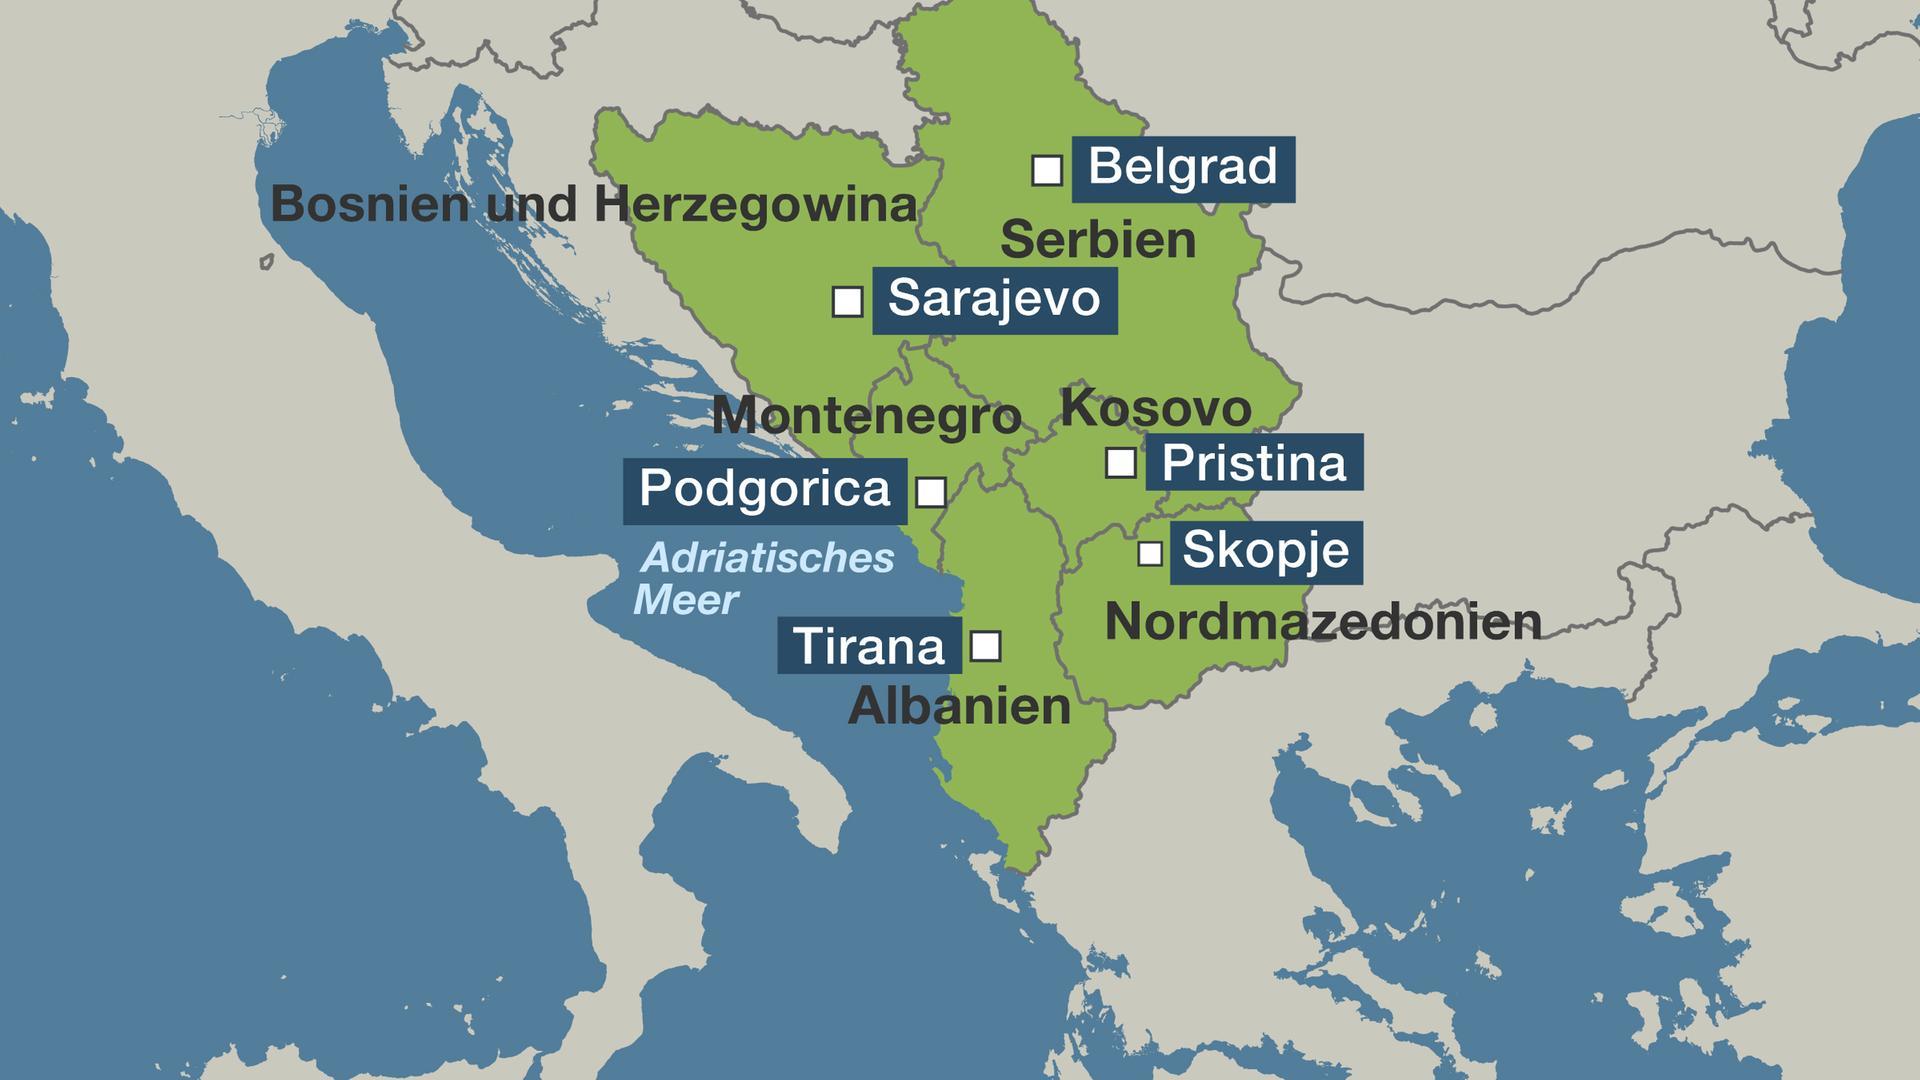 Karte: Balkan-Länder